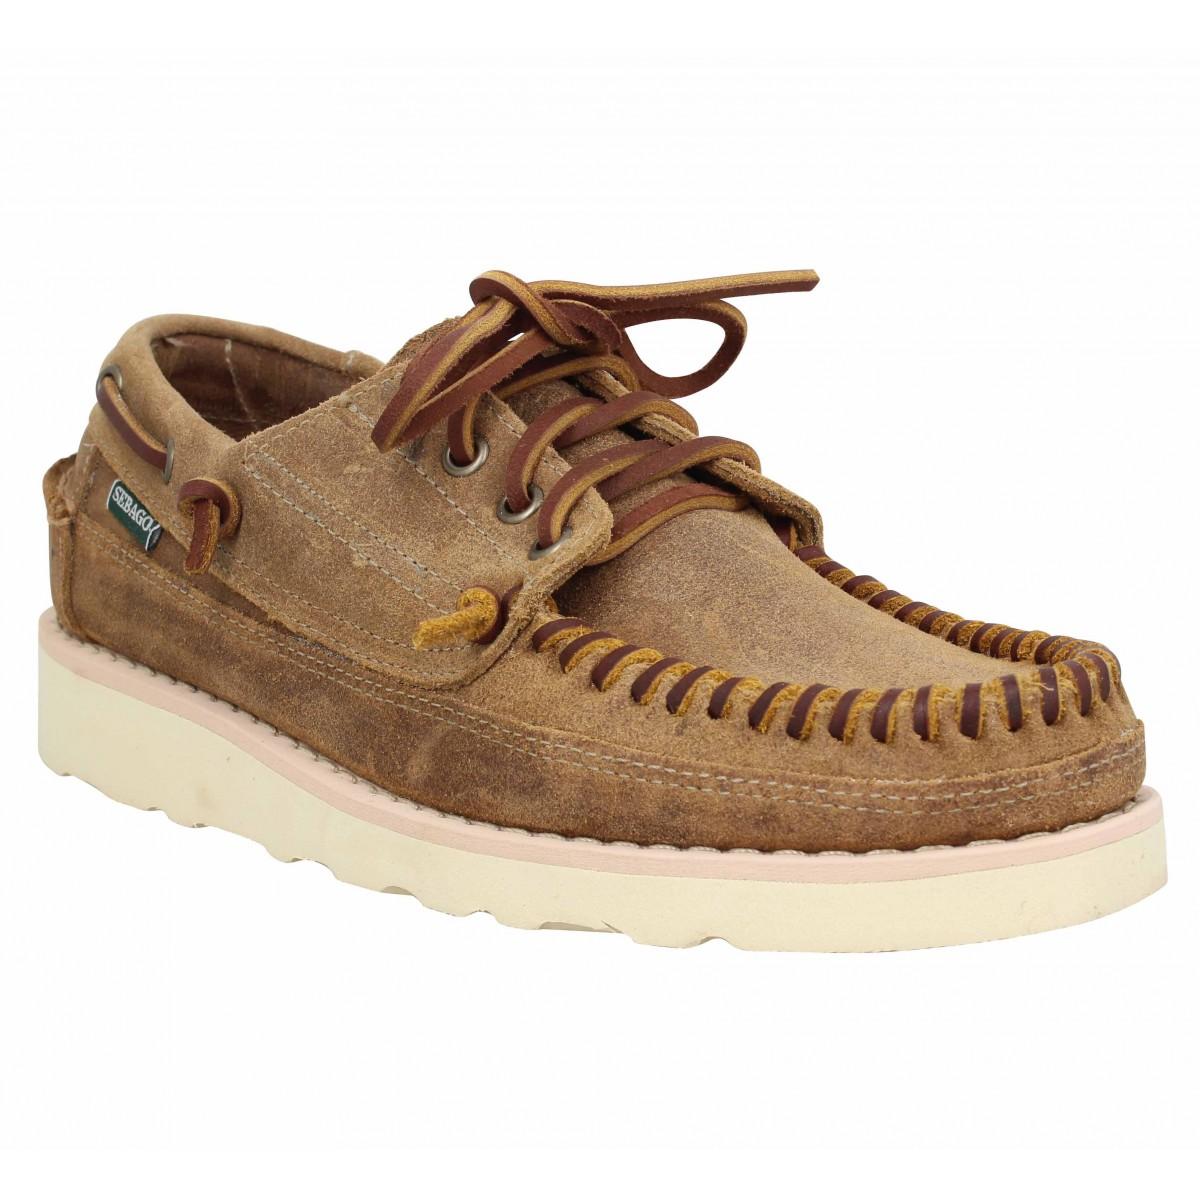 Chaussures bateaux SEBAGO Keuga croute velours Homme Camel